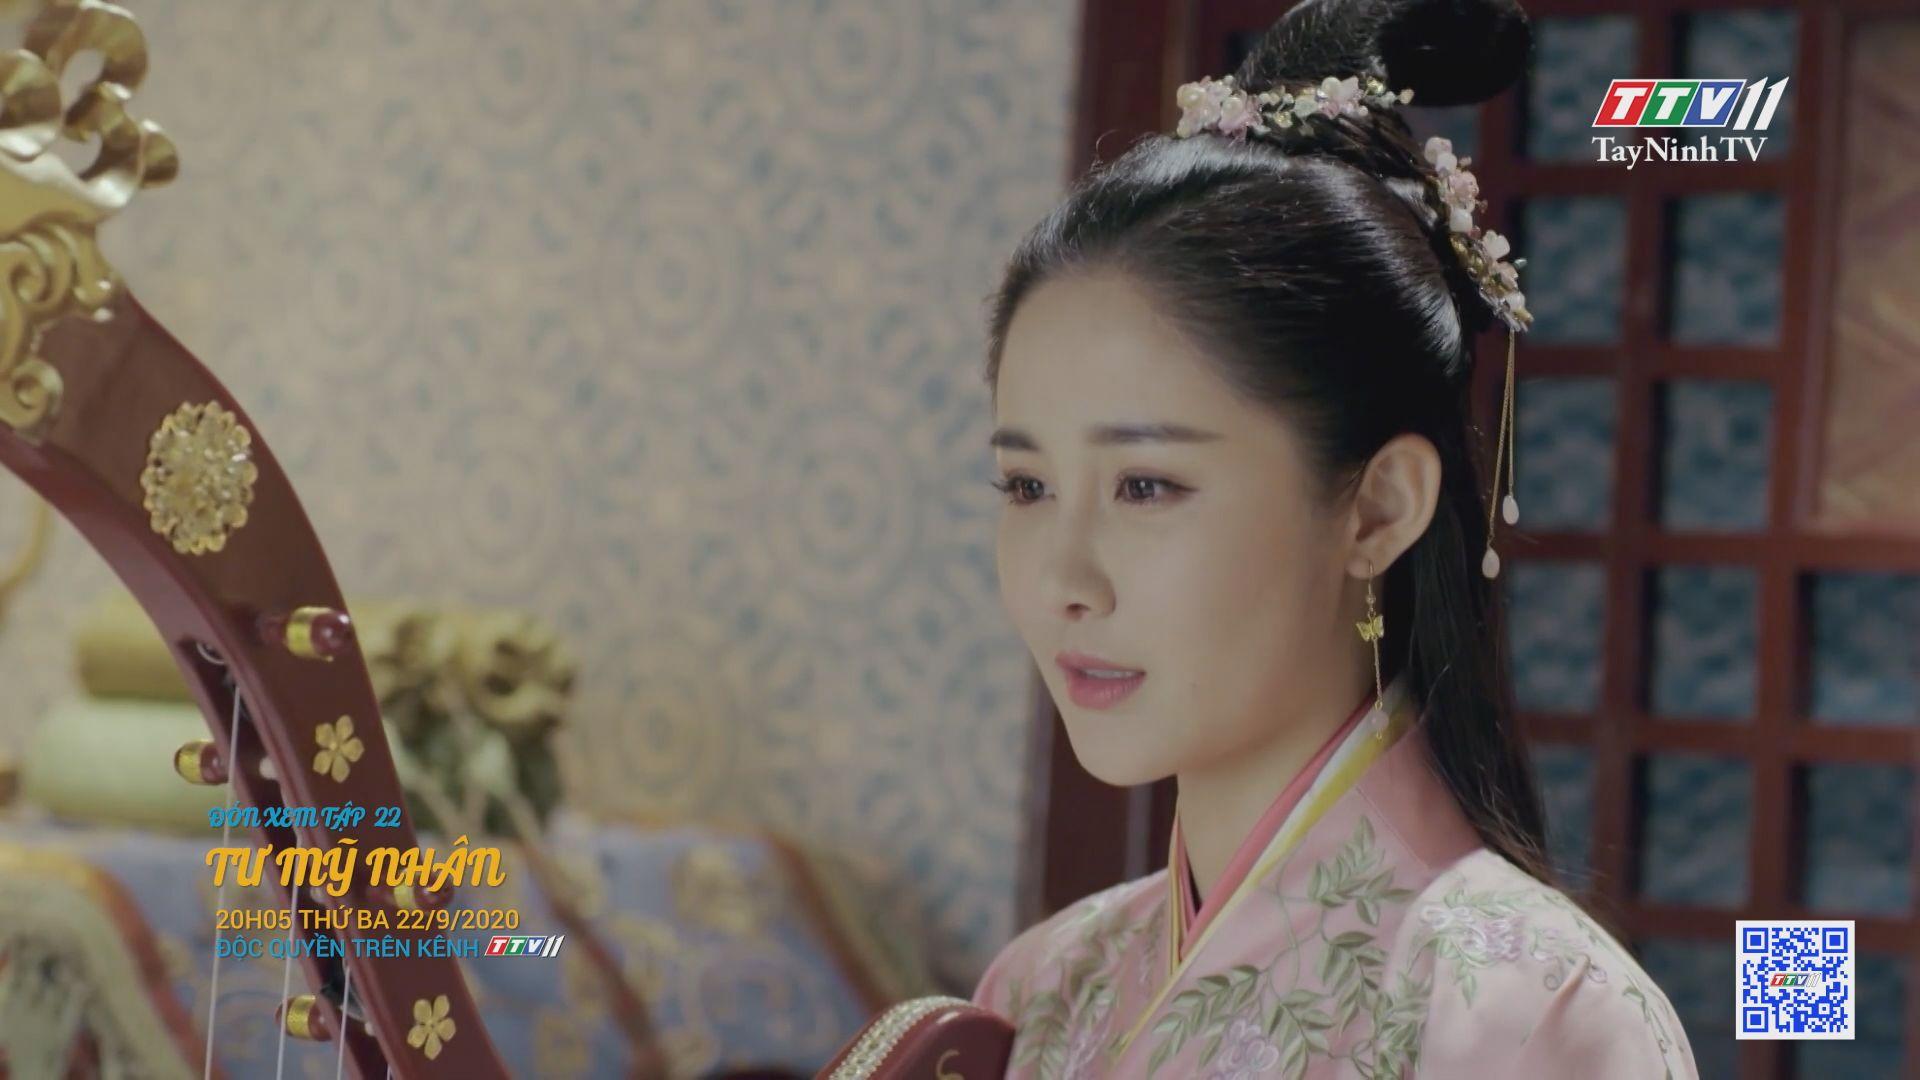 Tư mỹ nhân-TẬP 22 trailer | PHIM TƯ MỸ NHÂN | TayNinhTV